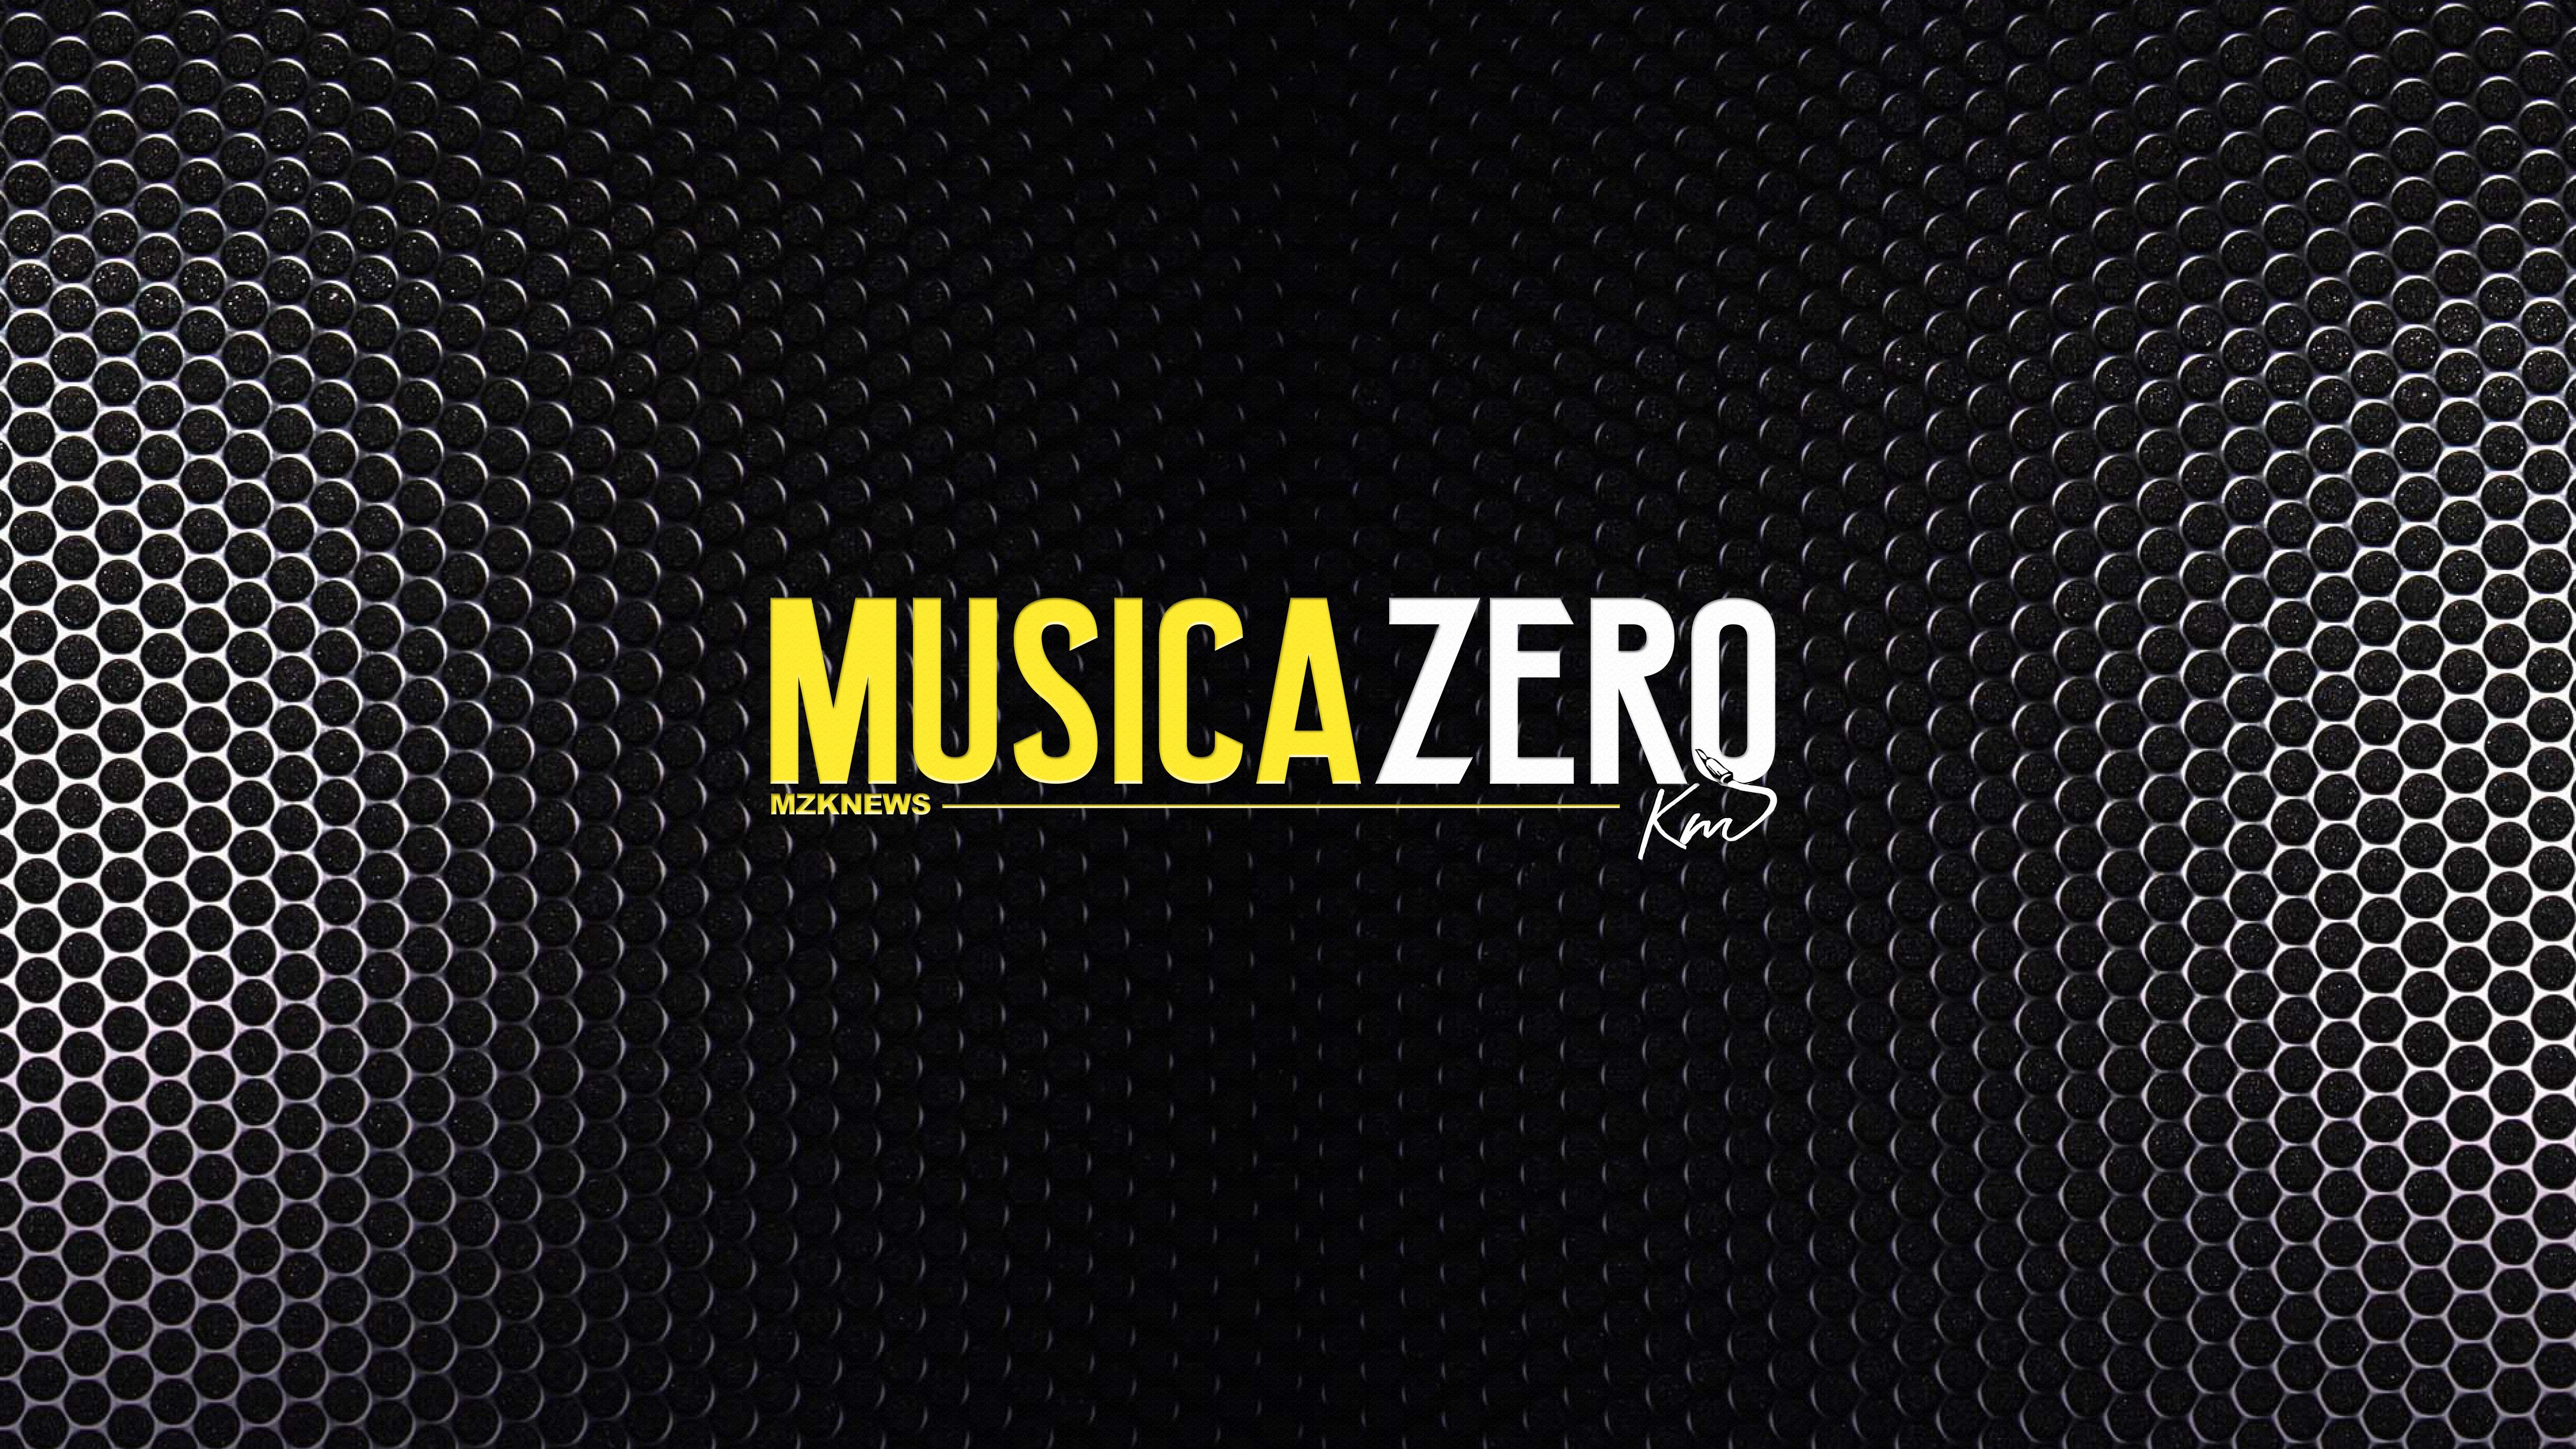 MUSICAZERO KM